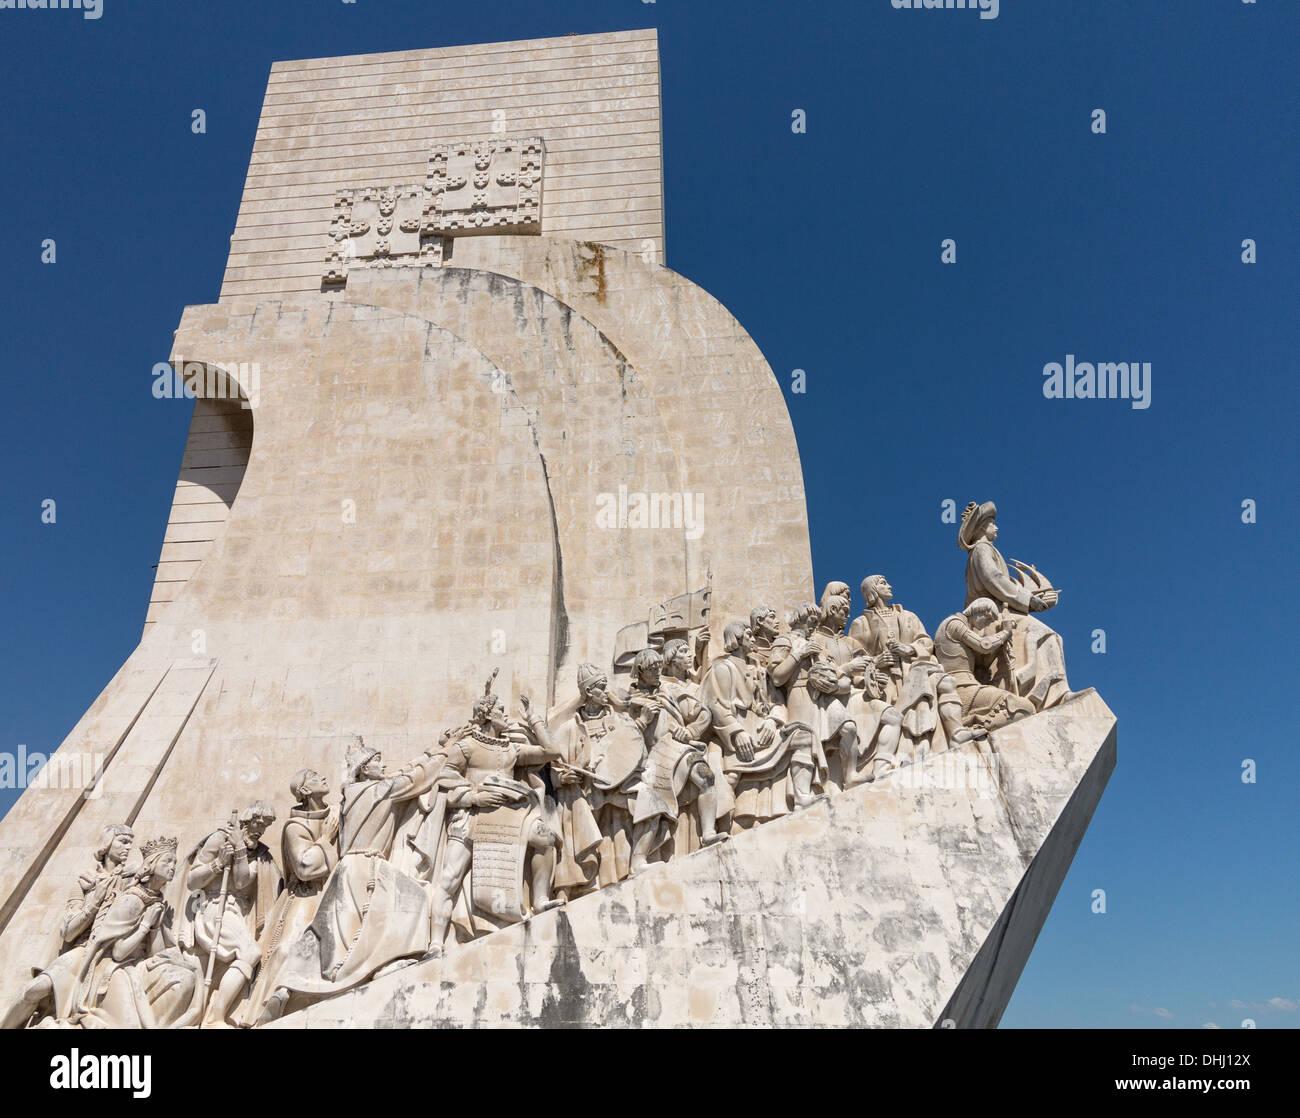 Padrão Dos Descobrimentos oder Denkmal der Entdeckungen Statue und Gedenkstätte in Belem in der Nähe von Lissabon, Portugal. Stockbild